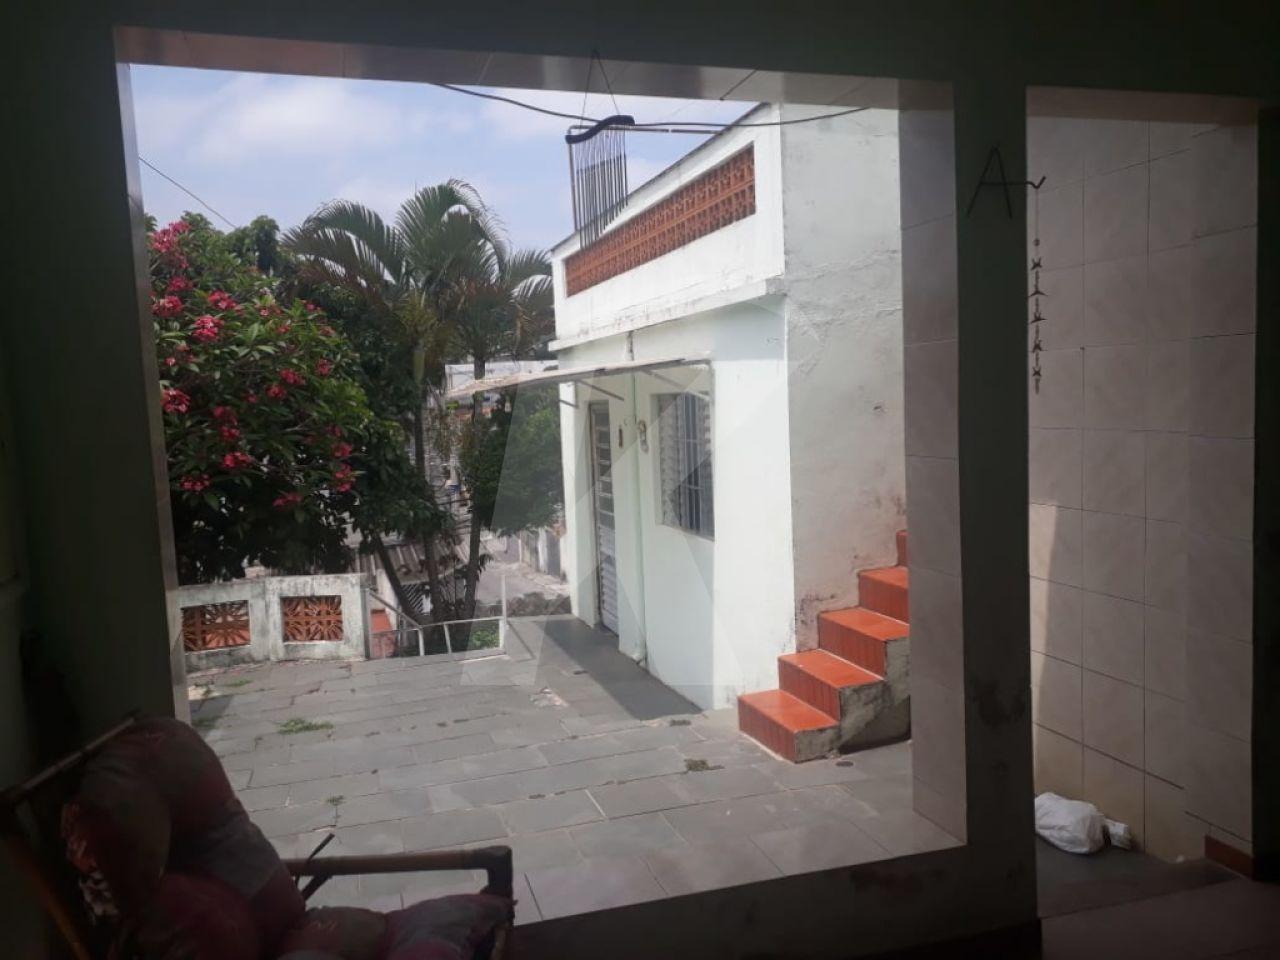 Casa  Vila Mazzei - 2 Dormitório(s) - São Paulo - SP - REF. KA10062